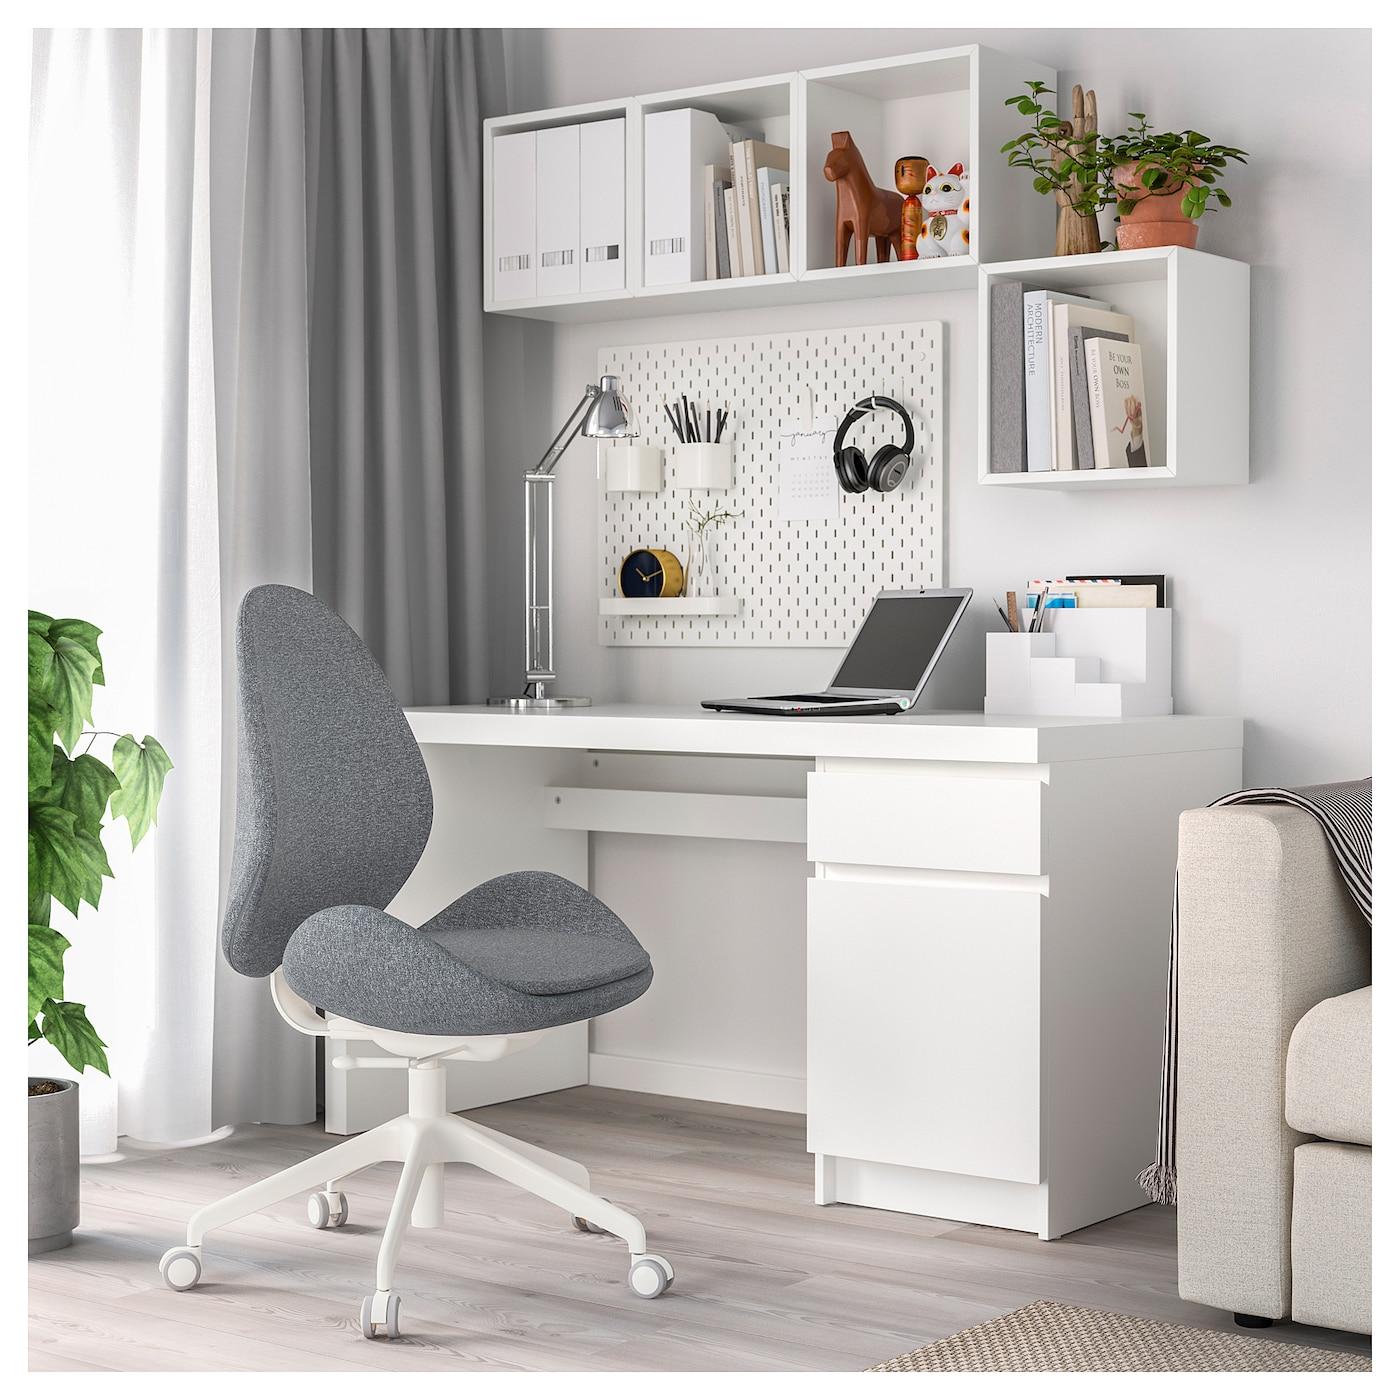 HATTEFJÄLL Office chair Gunnared medium grey